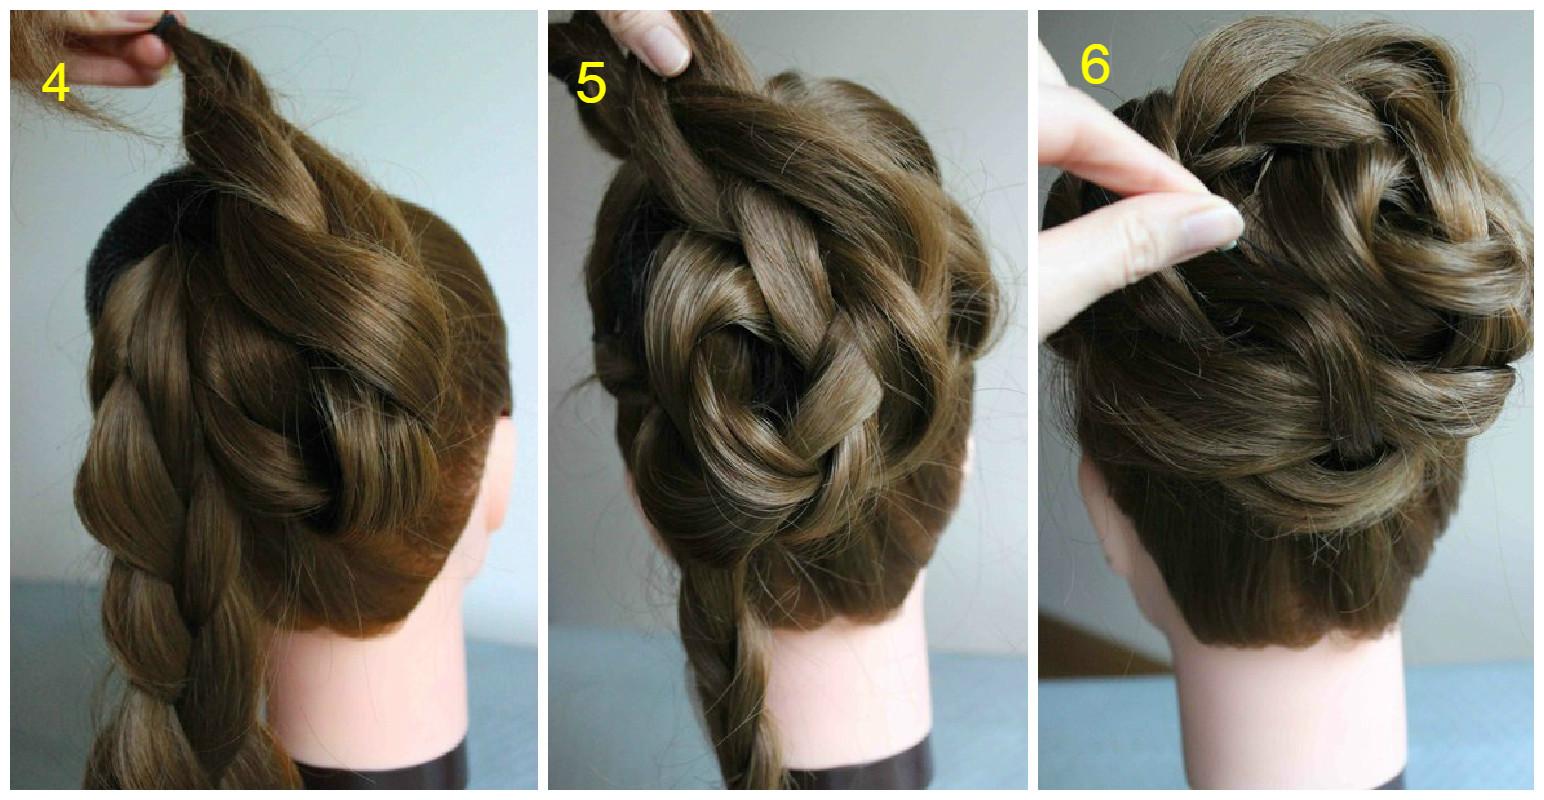 Lo más universal peinados paso a paso Imagen de cortes de pelo tutoriales - Peinados con flores paso a paso - Cortes de pelo con ...